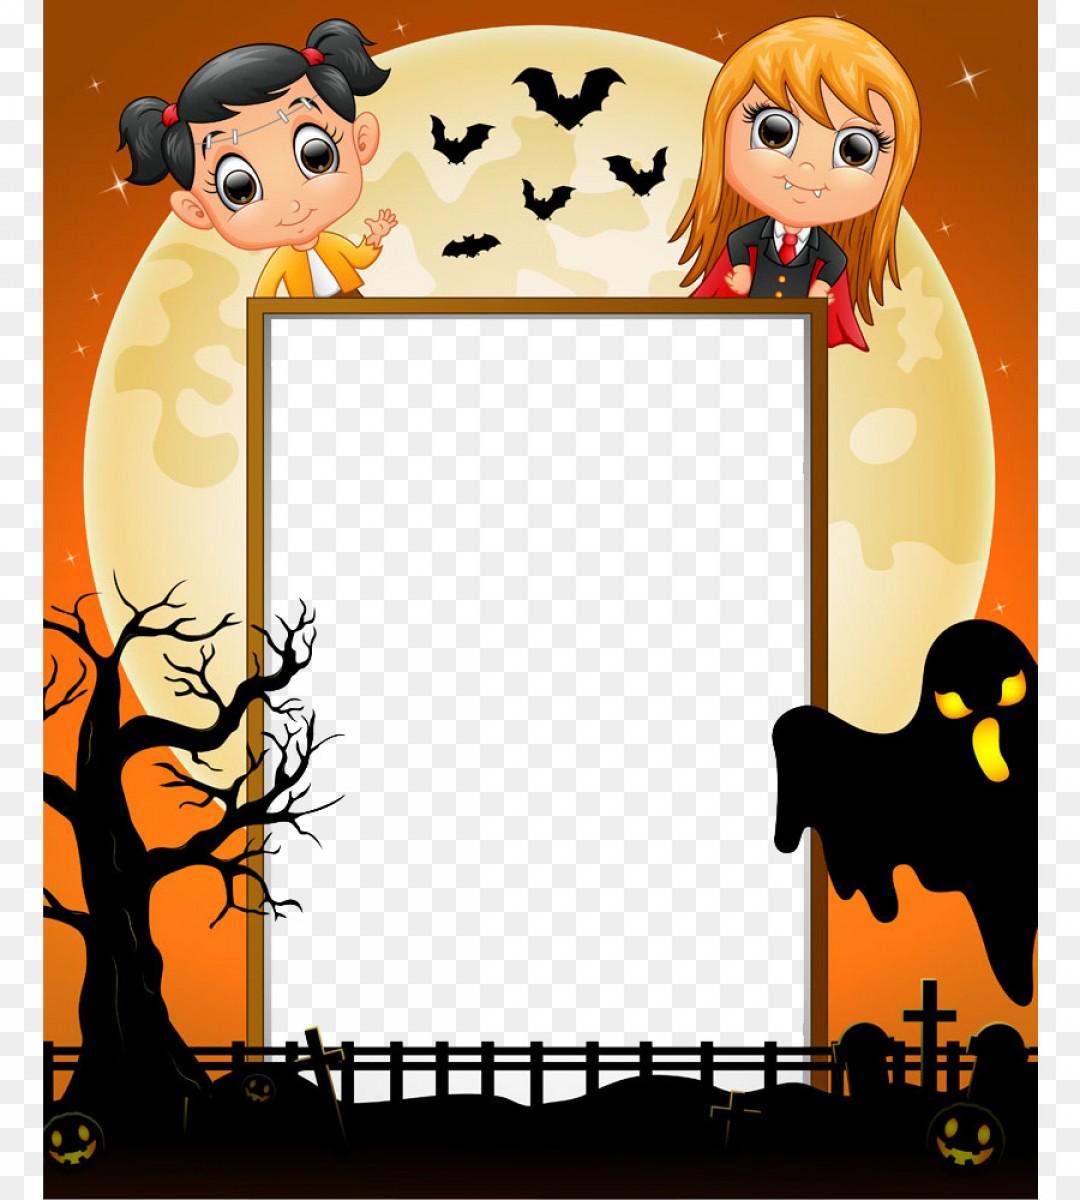 1080x1200 Png Frankenstein Halloween Costume Vector Halloween Po Rongholland